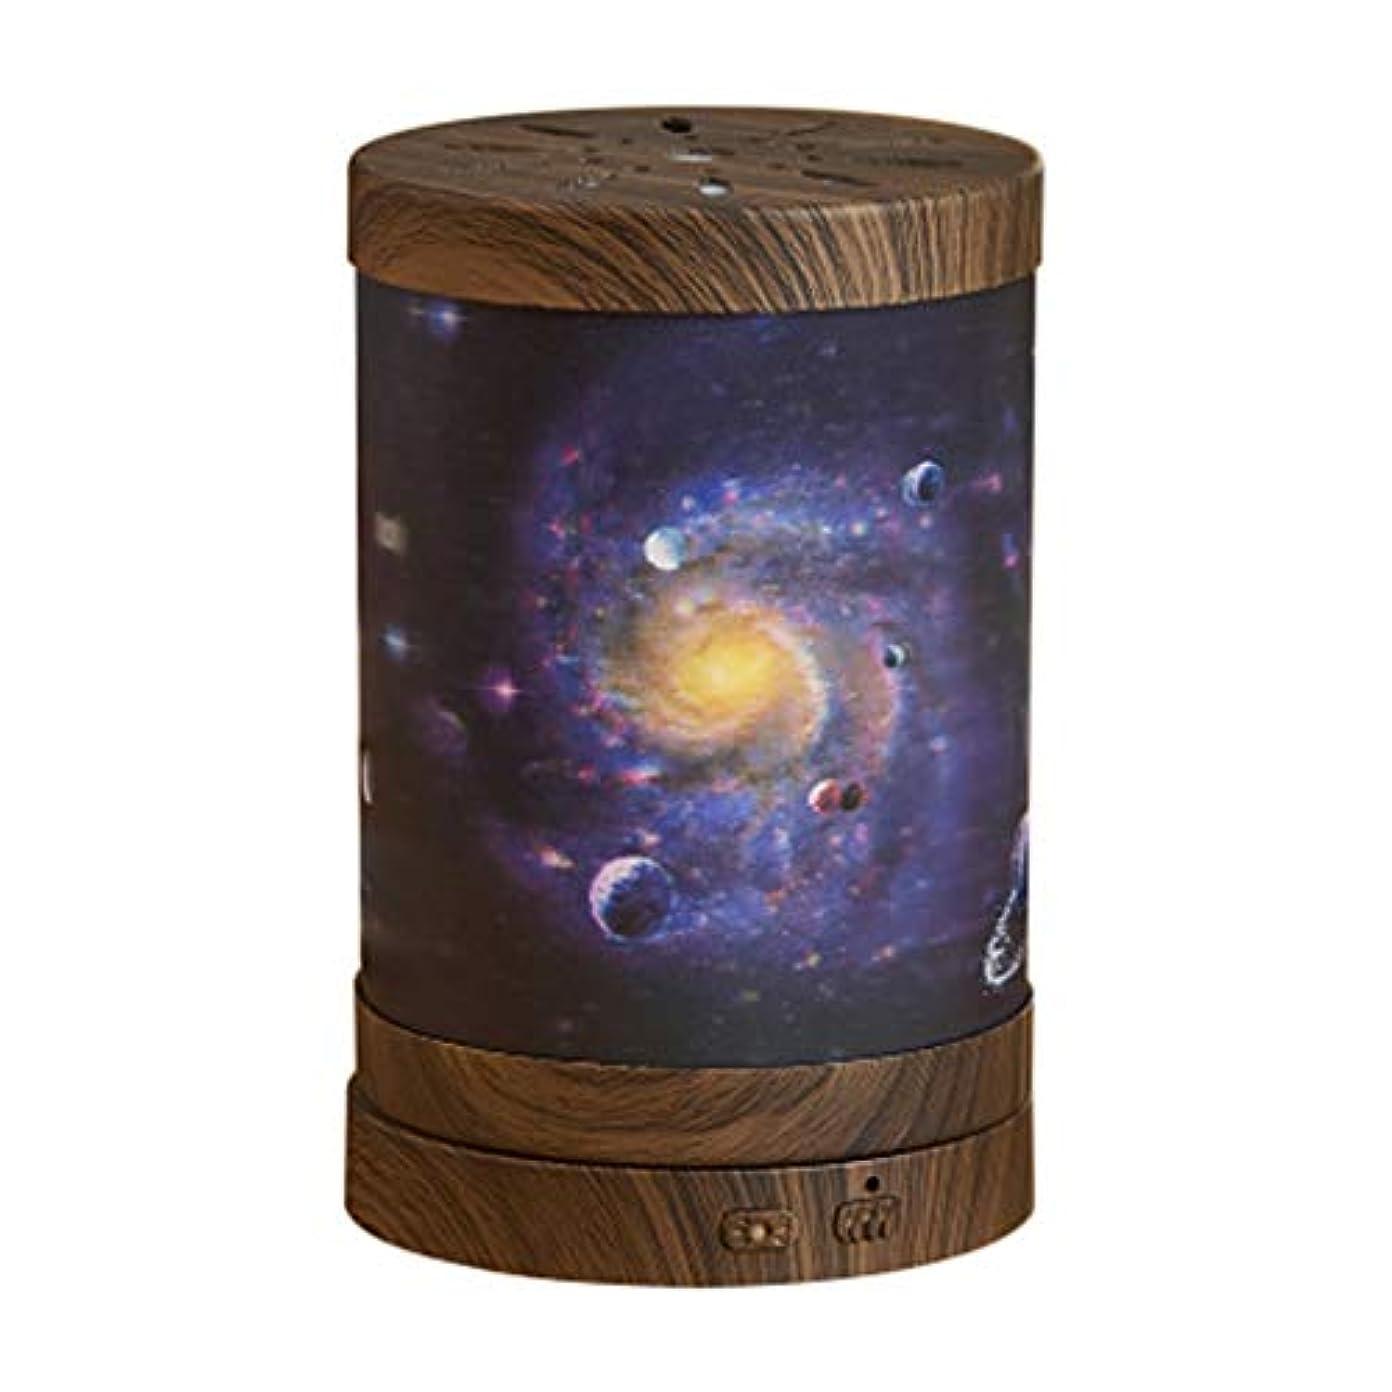 アセンブリ星割るエッセンシャルオイルディフューザー、ギャラクシーのテーマエッセンシャルオイルディフューザー超音波ディフューザークールミスト加湿器、水なしオートクロージング、7色LEDホームライト交換 (Color : Dark wood grain)